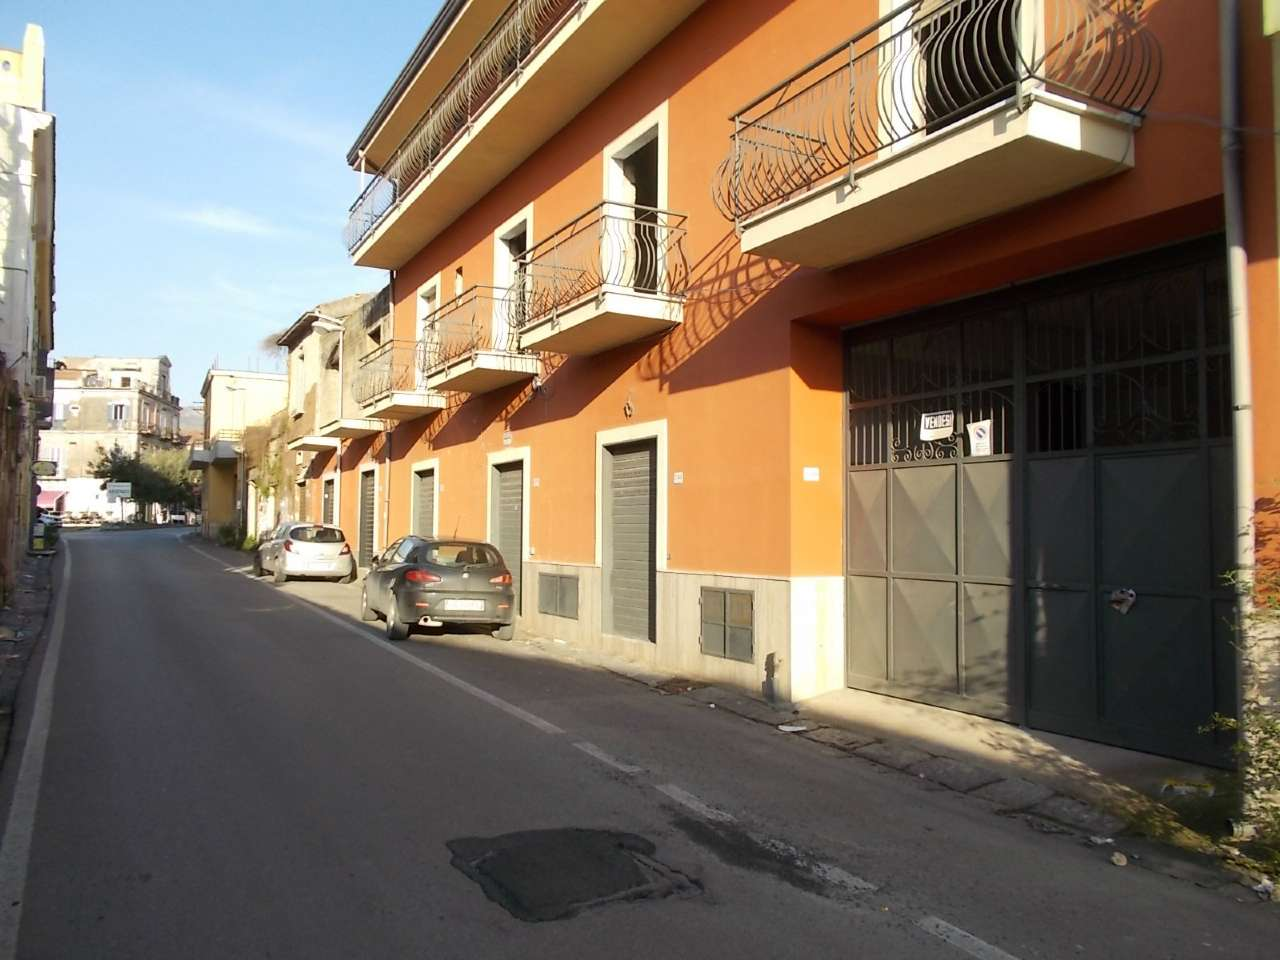 Negozio / Locale in vendita a San Felice a Cancello, 1 locali, prezzo € 35.000 | CambioCasa.it